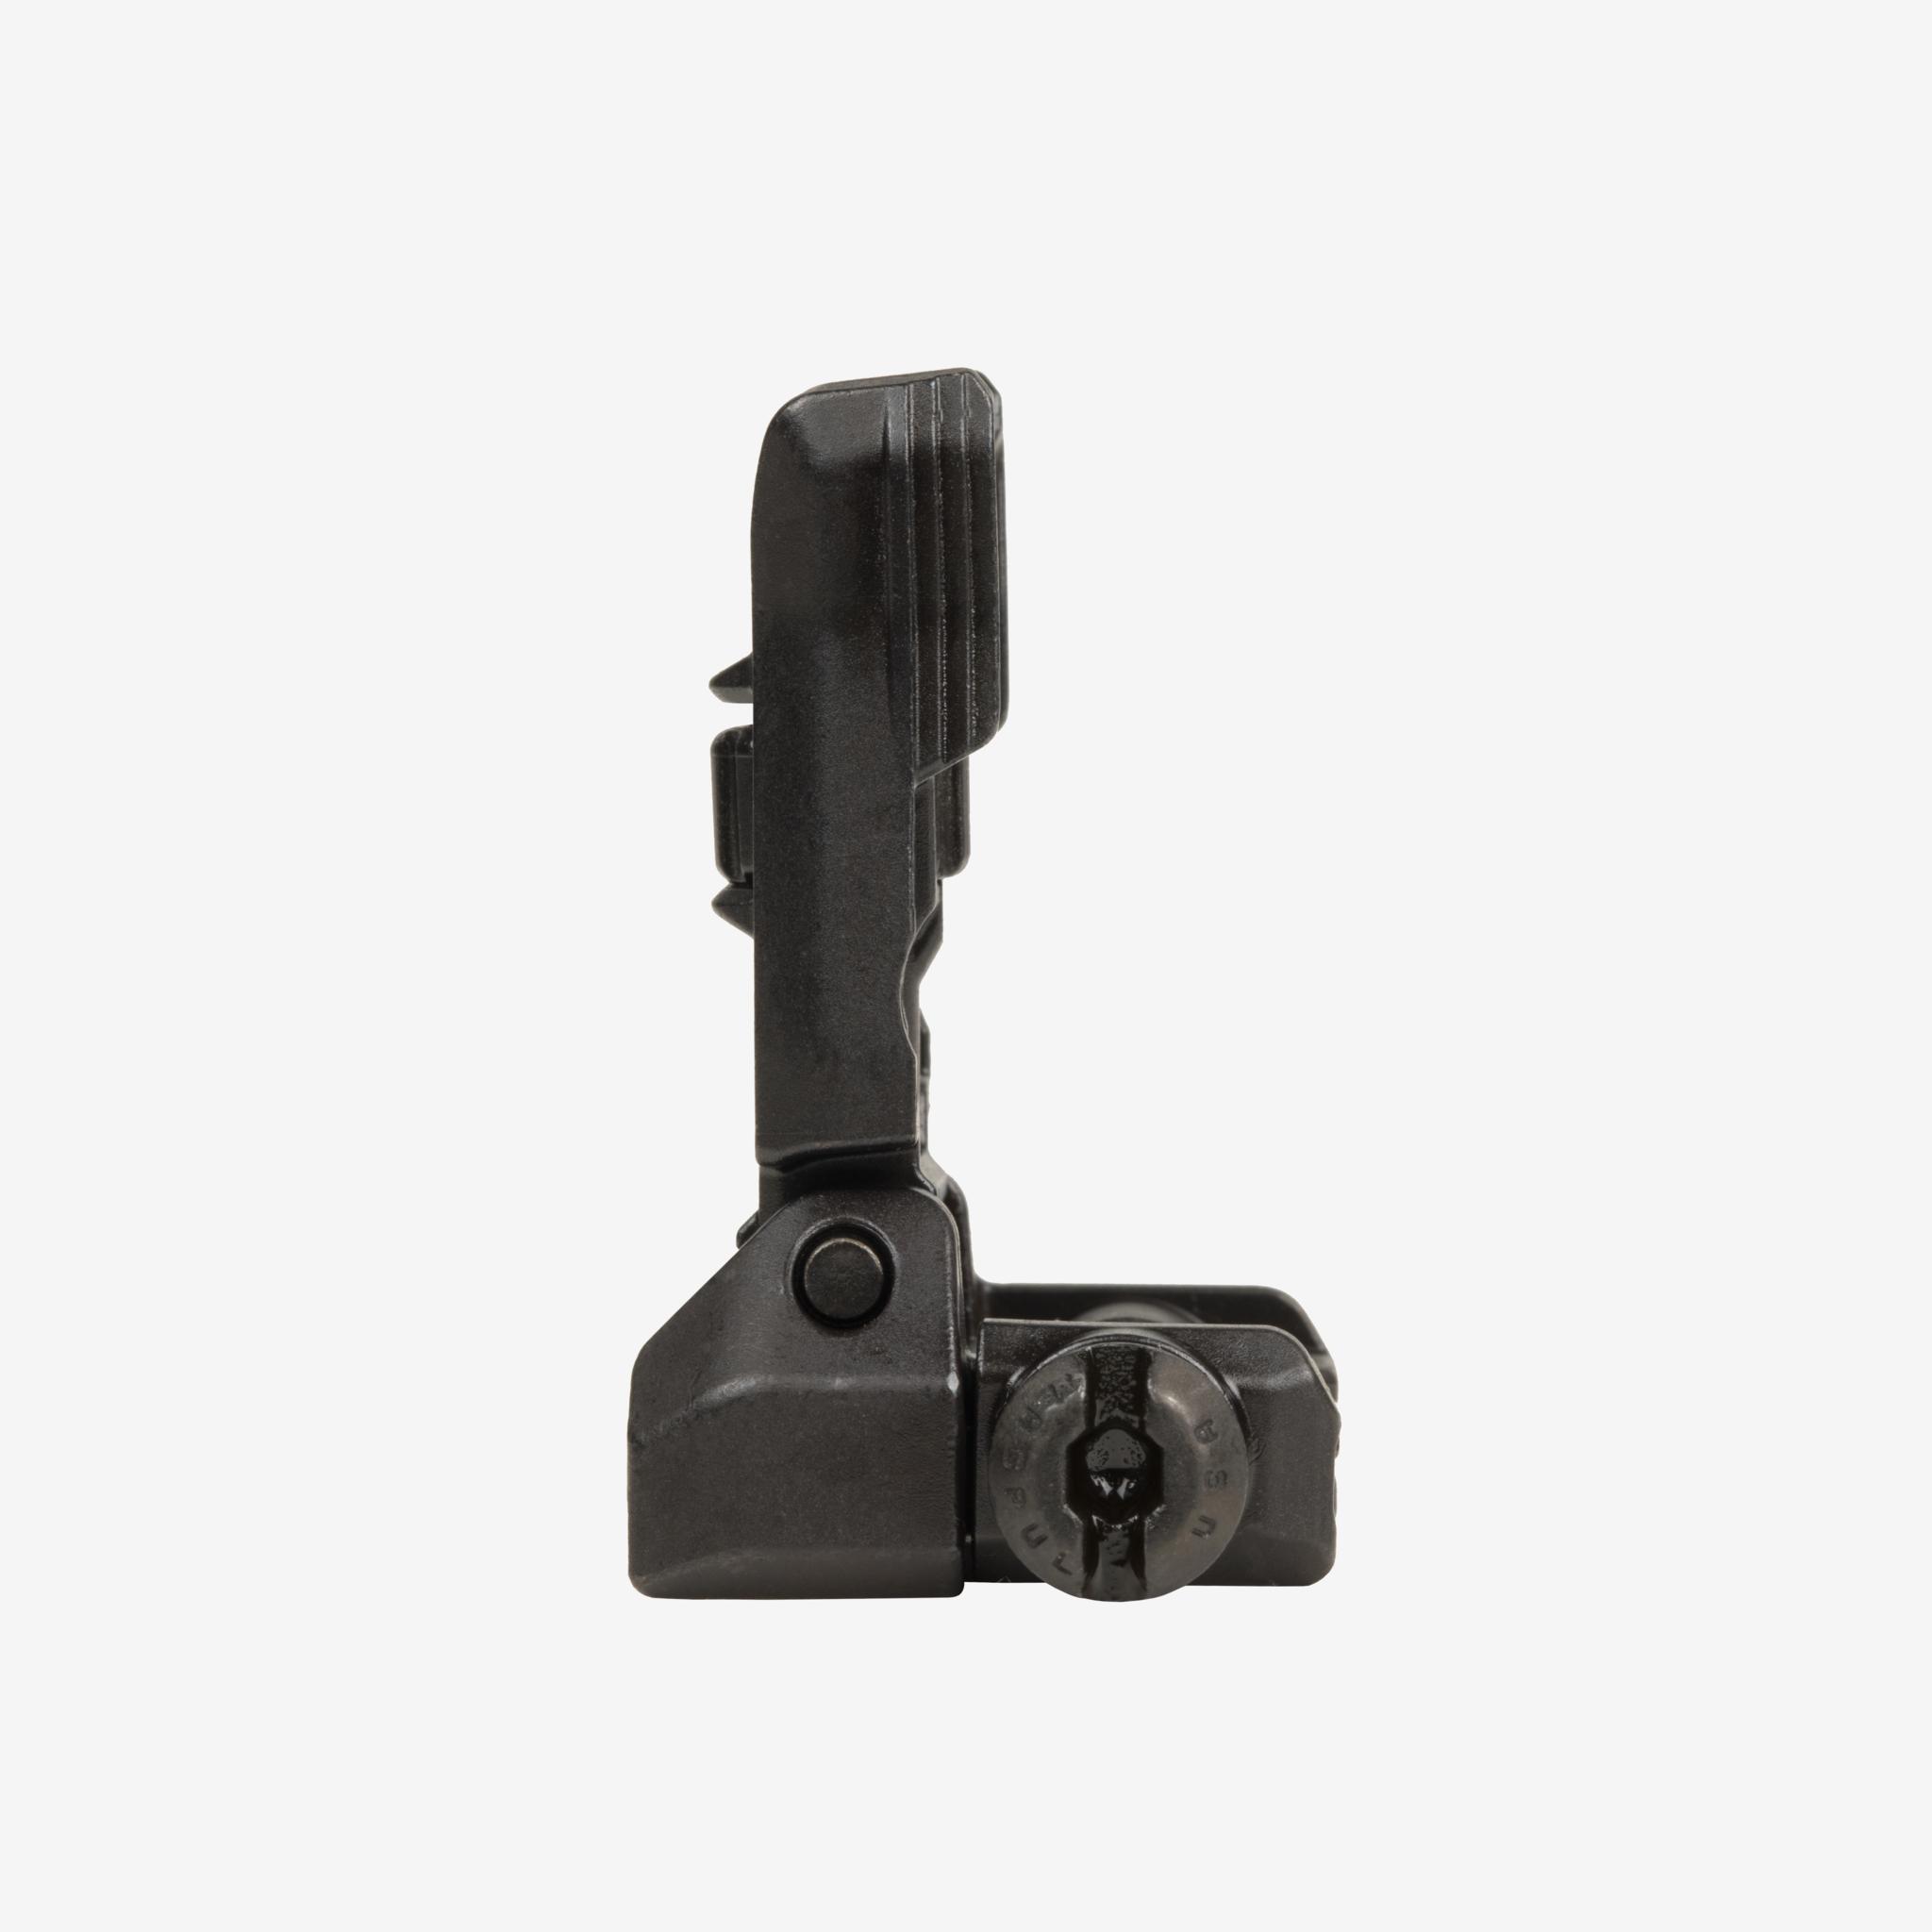 Складная мушка высокая диоптрическая MBUS®ProSight-Front